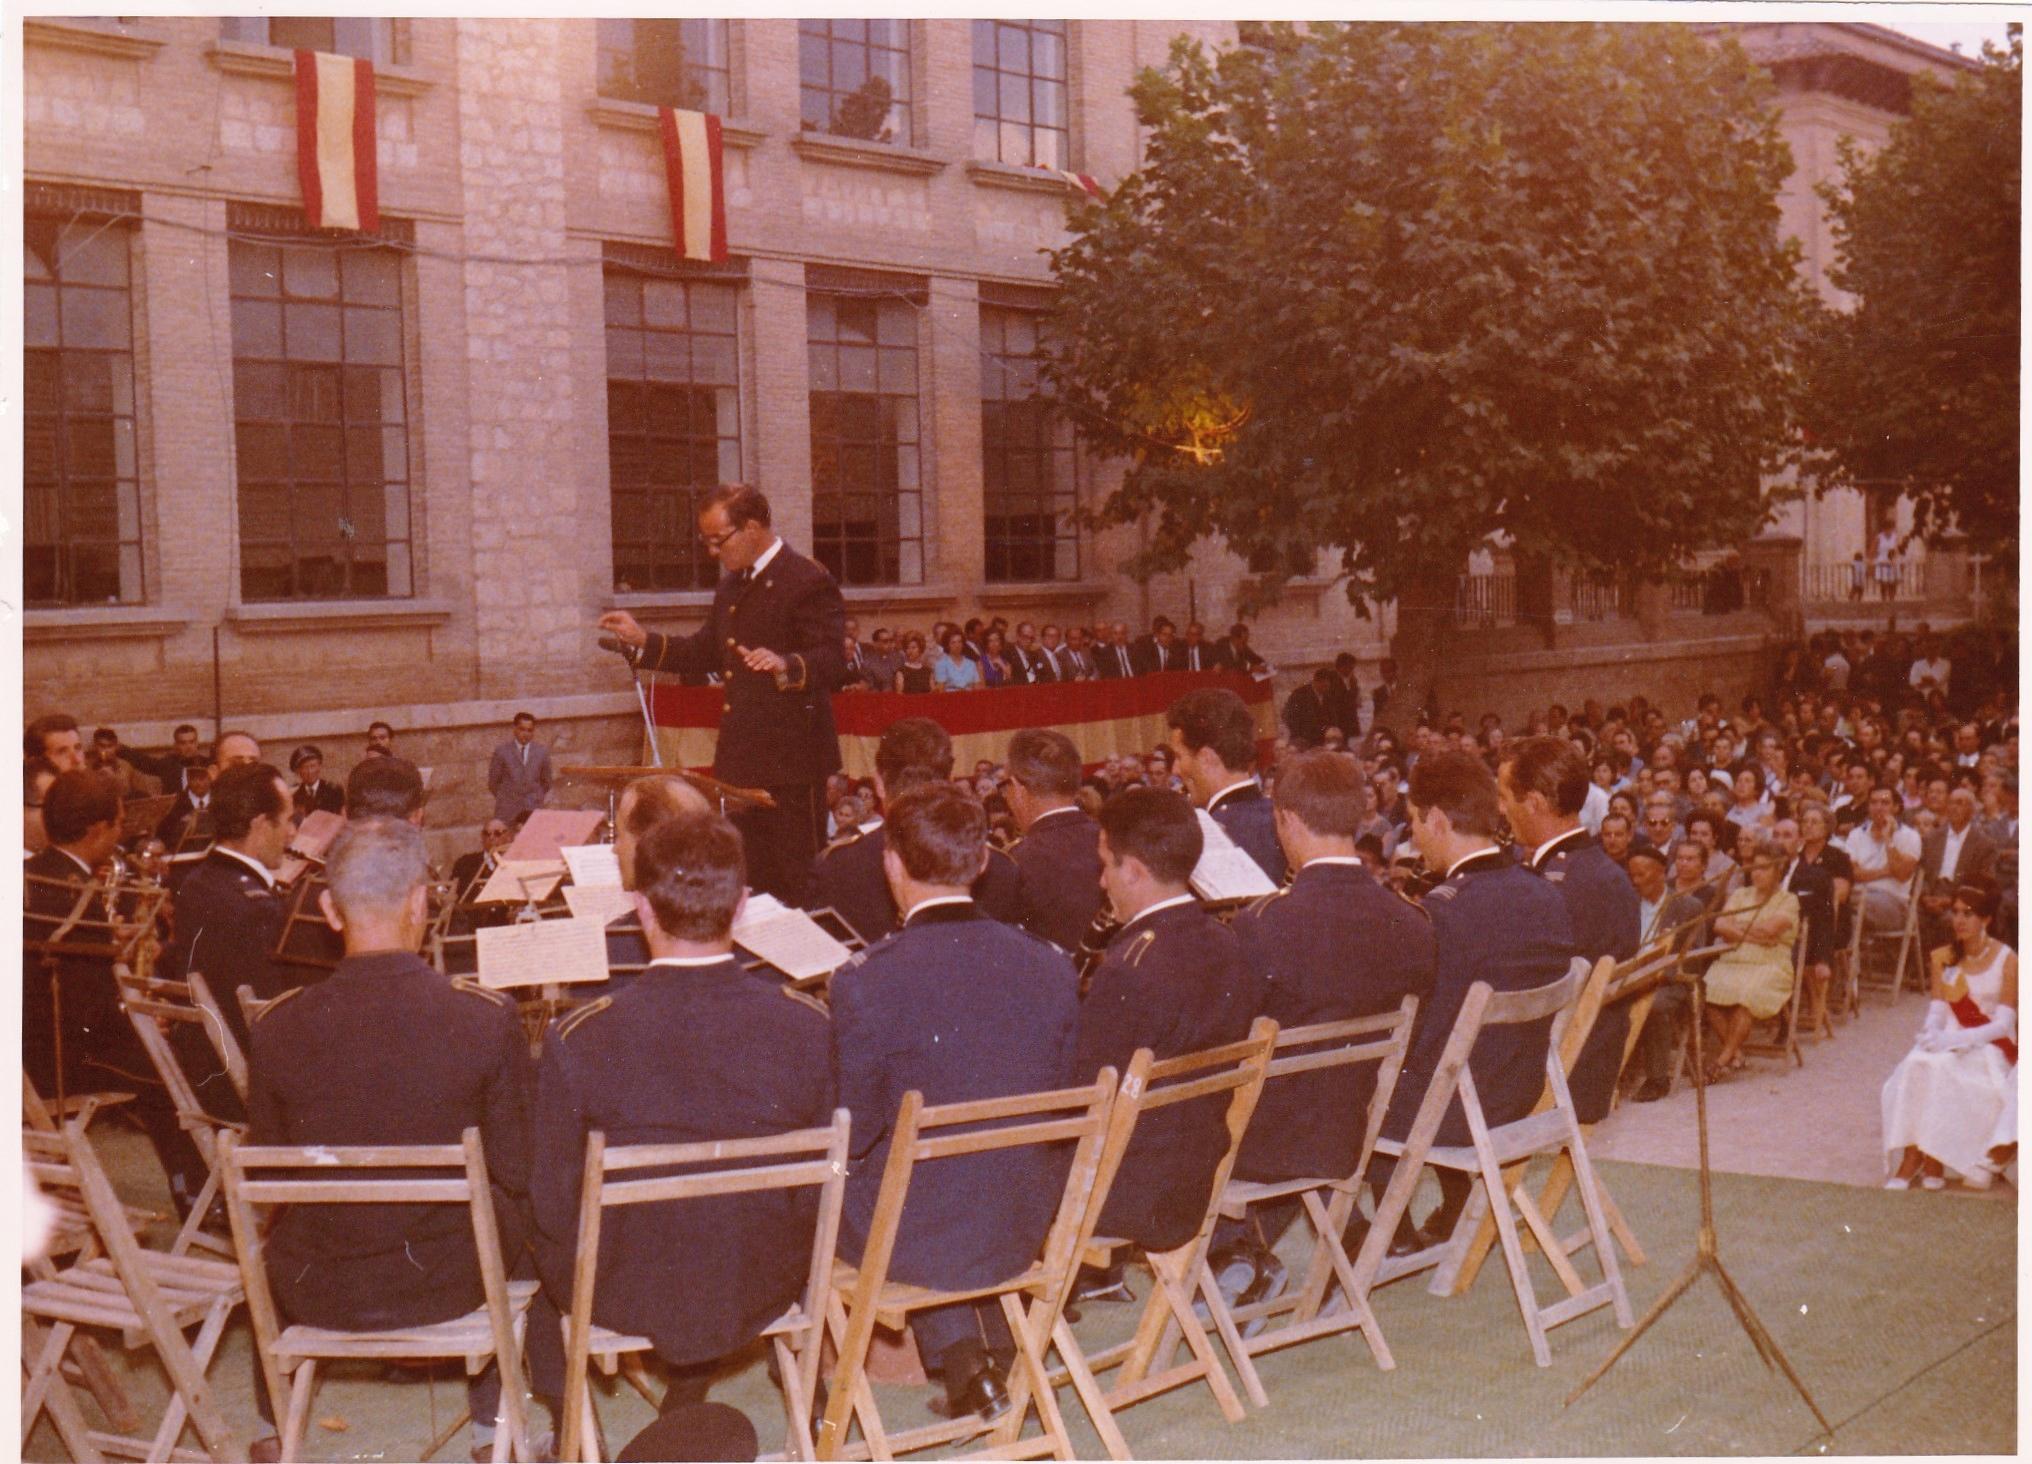 Banda participante en el Festival de Llíria el 10 de septiembre de 1967.